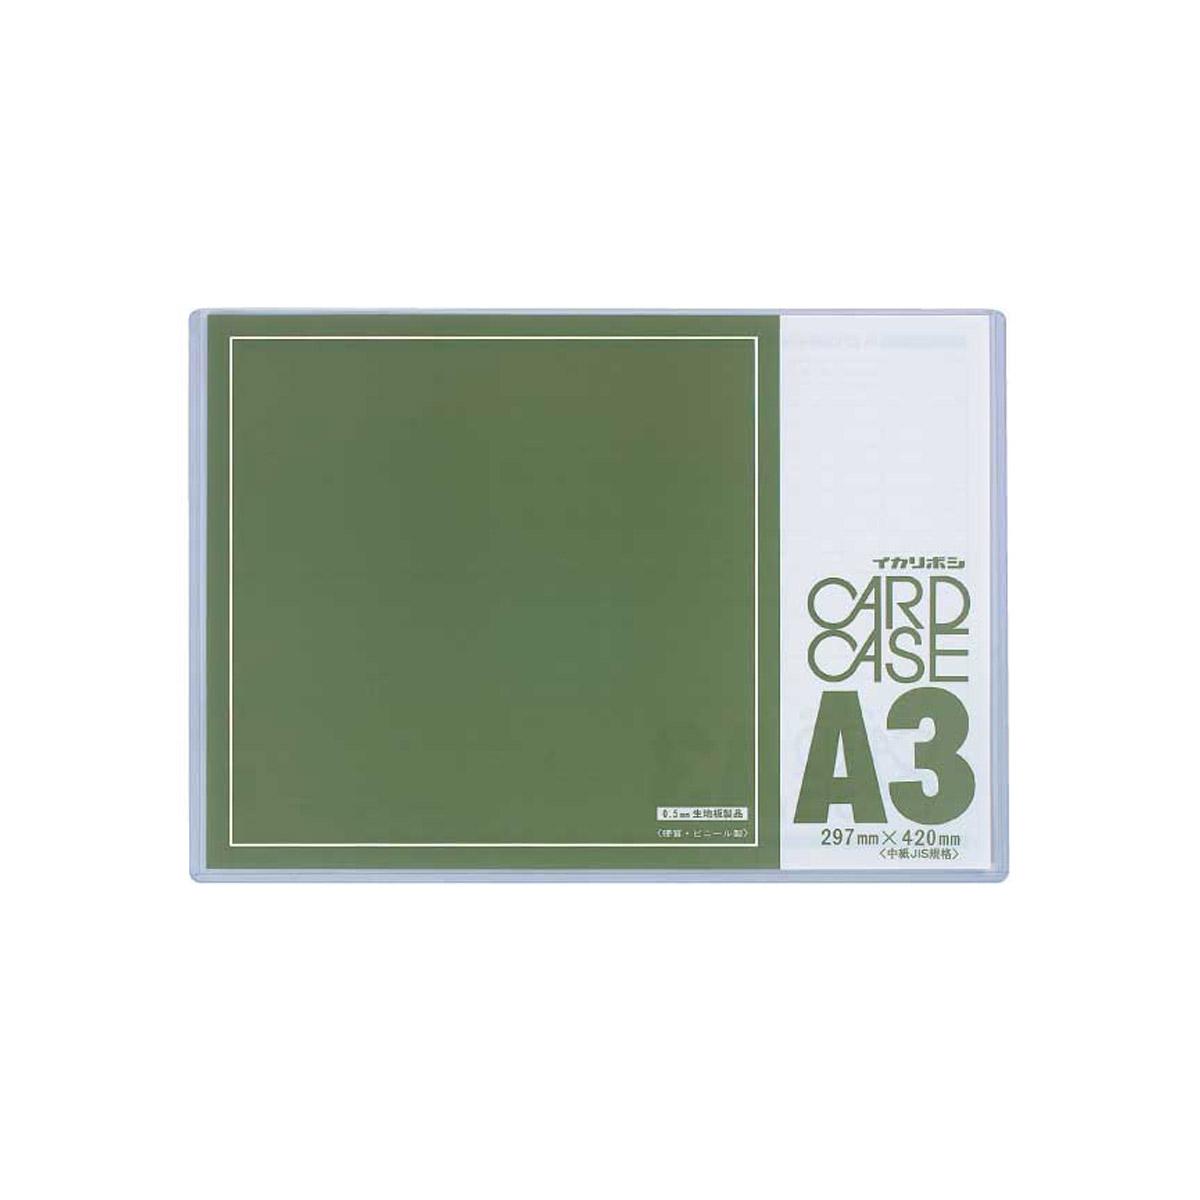 カードケース 0.5mm厚 A3 ファイル アーテック 書類 収納 書類整理 クリスマスプレゼント